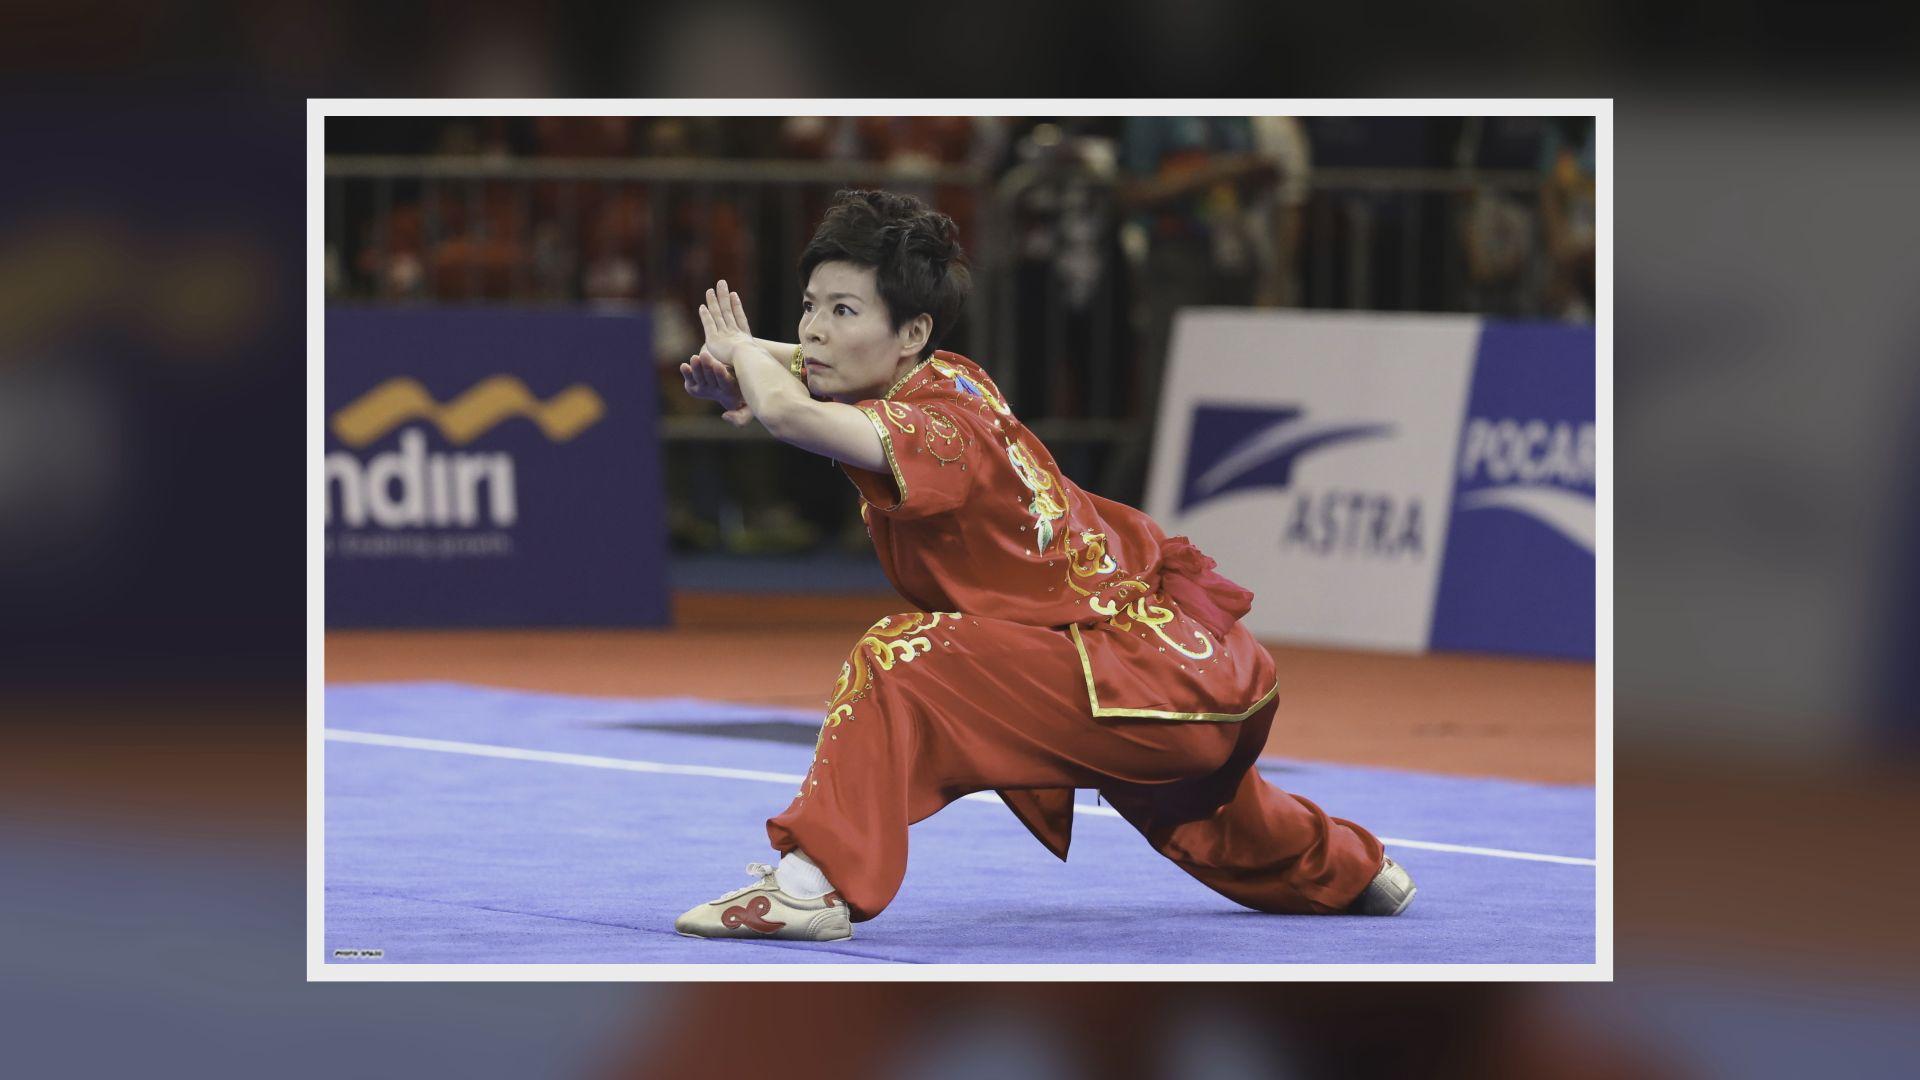 亞運會 耿曉靈女子長拳得第五名